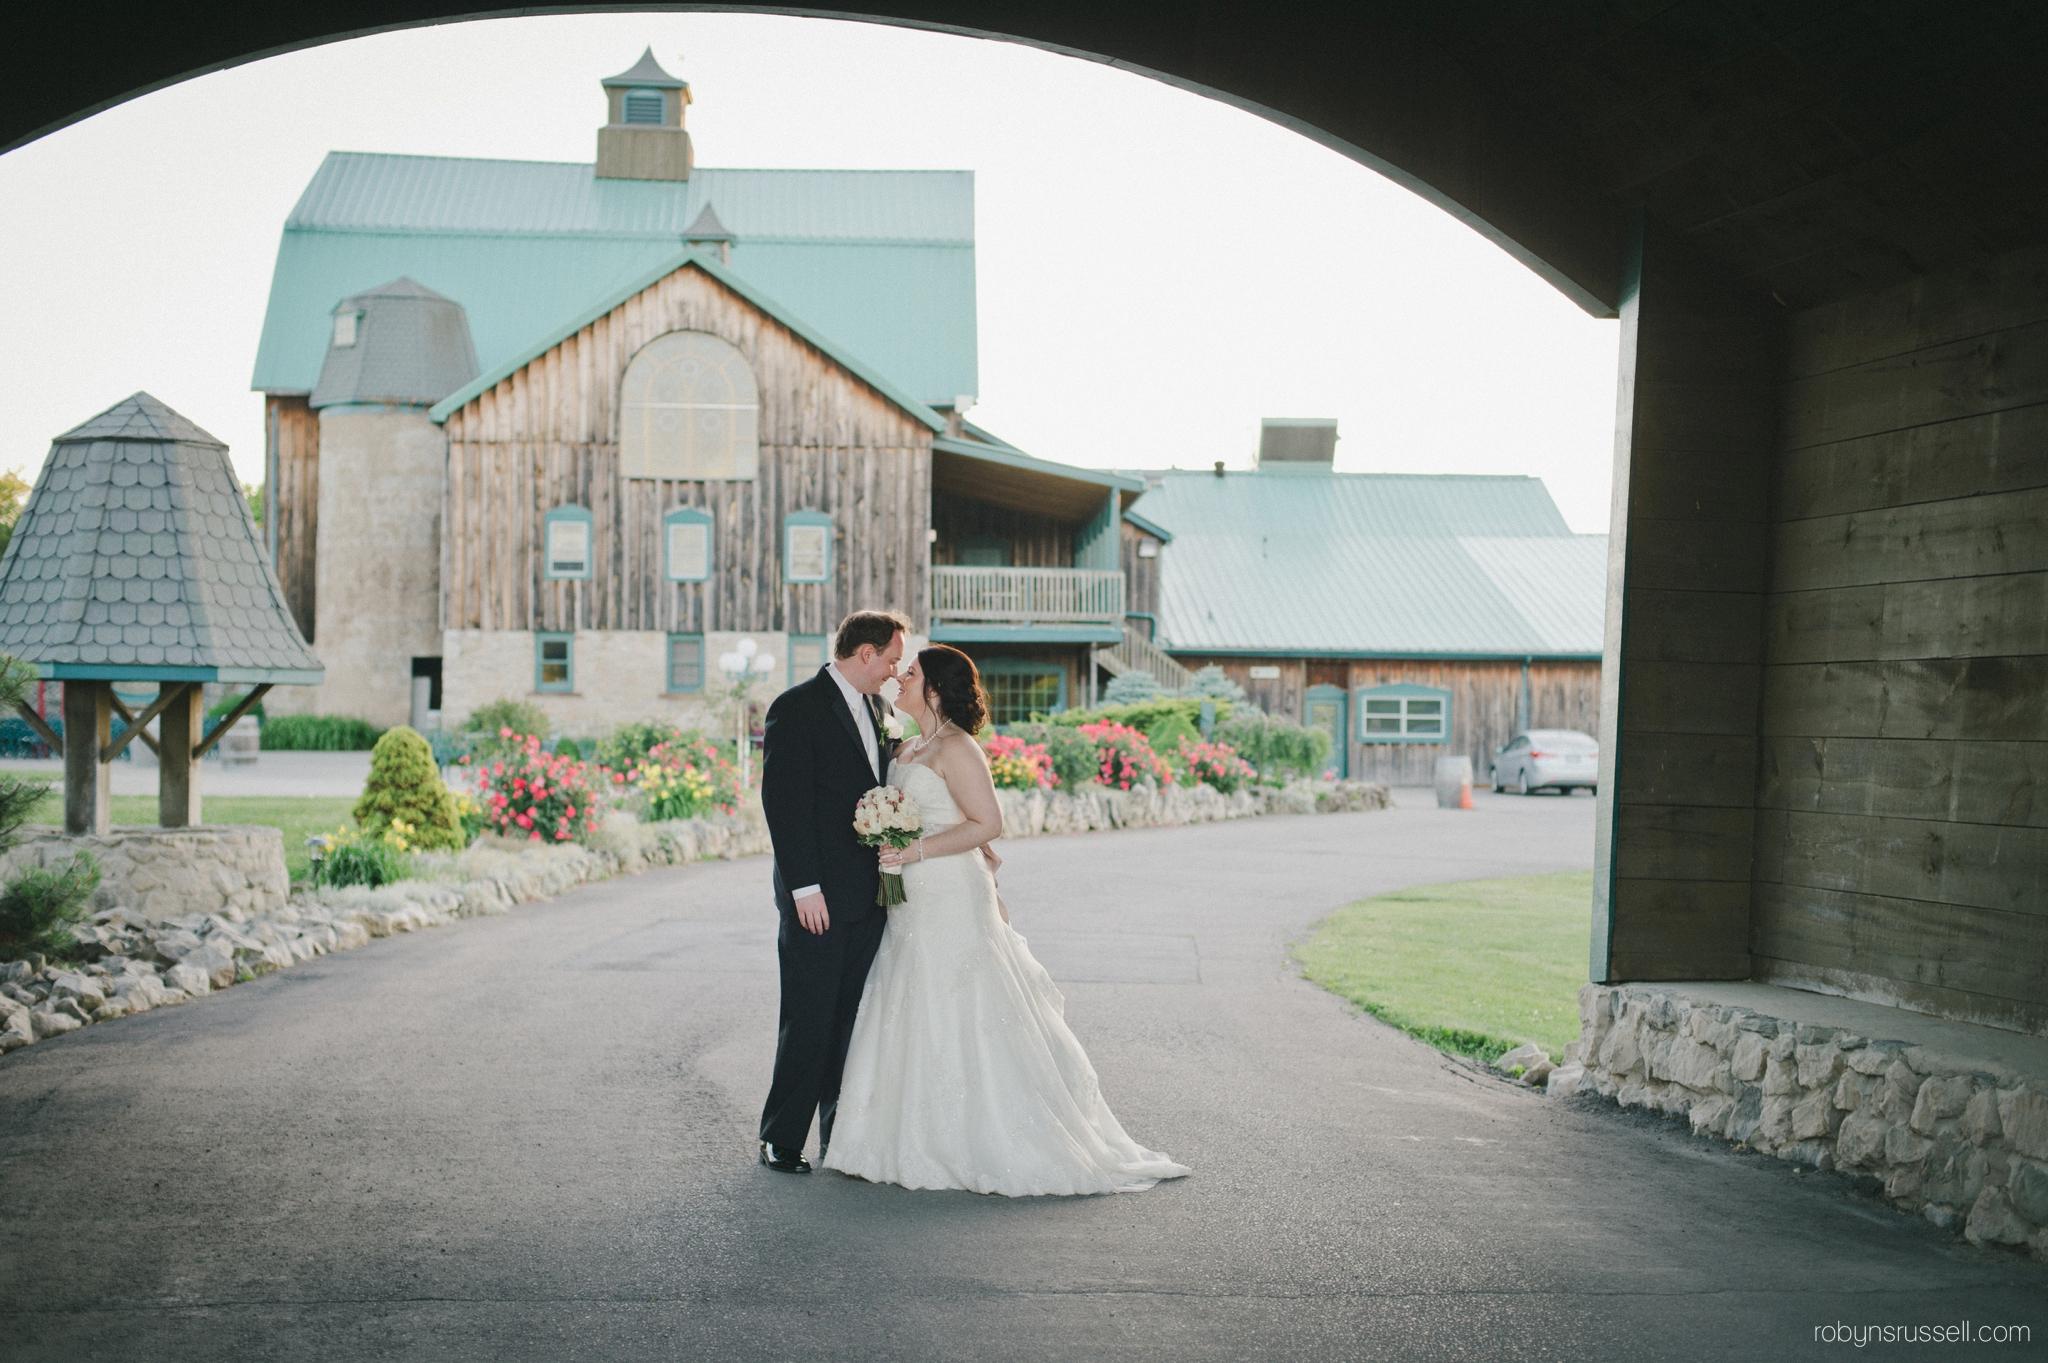 36-bride-and-groom-kissing-under-hernder-bridge.jpg